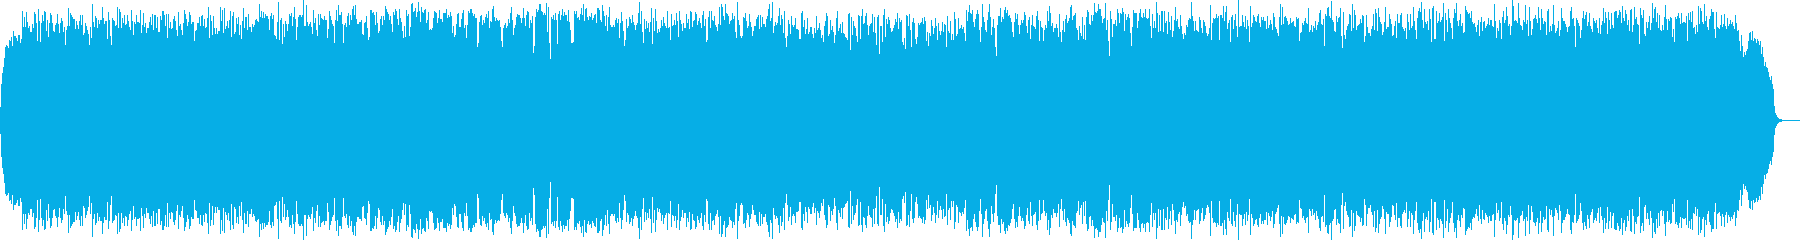 力強く幻想的なケーナのニューエイジ音楽の再生済みの波形